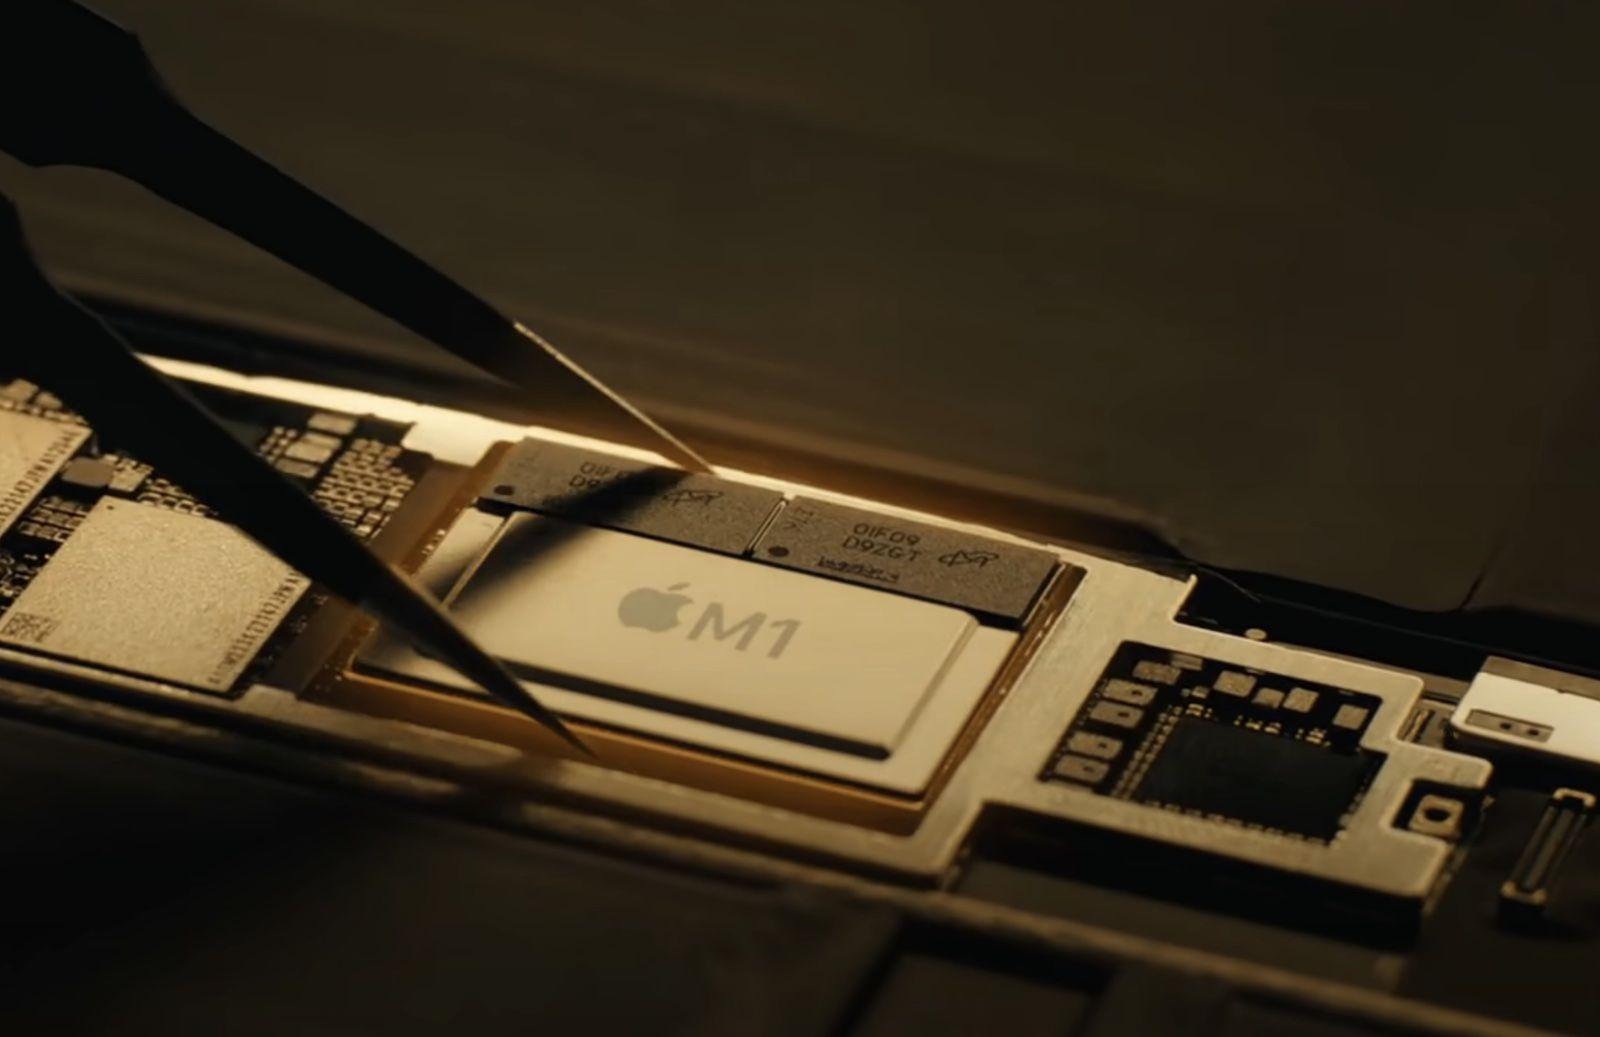 m1-ipad-pro-chip.jpg (1600×1037)